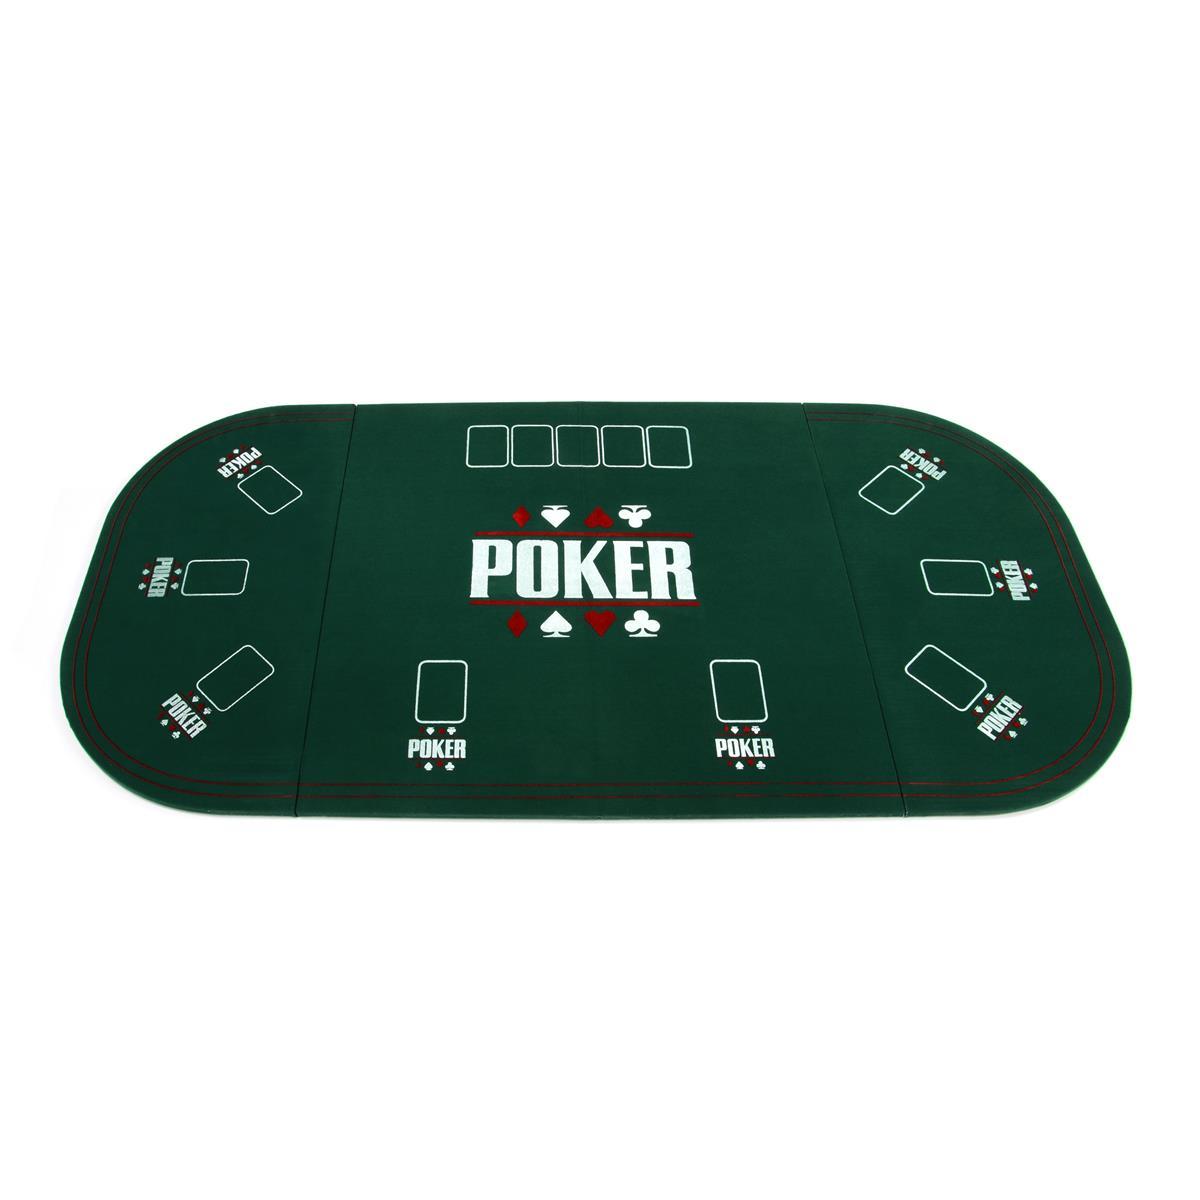 Faltbare Tischauflage Pokertisch Casino Pokerauflage 160 x 80 cm klappbar